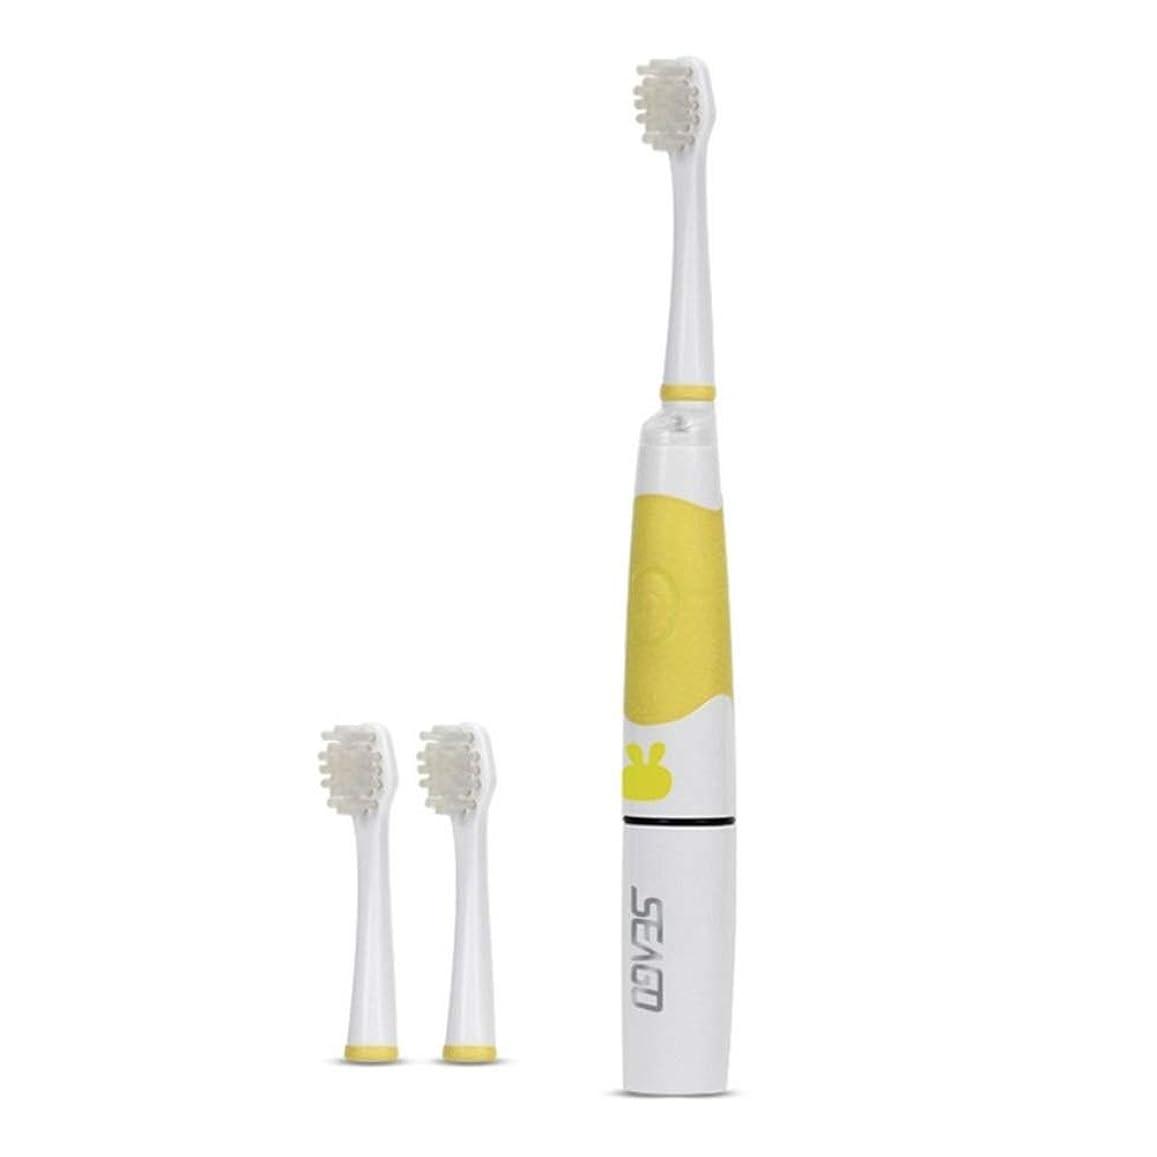 羊飼い収束する区別SOOKi 子供ソニック電動歯ブラシLEDライトキッズソニック歯ブラシスマートリマインダー赤ちゃんの歯ブラシ幼児歯ブラシで余分2交換可能なブラシヘッド用2-7子供,Yellow